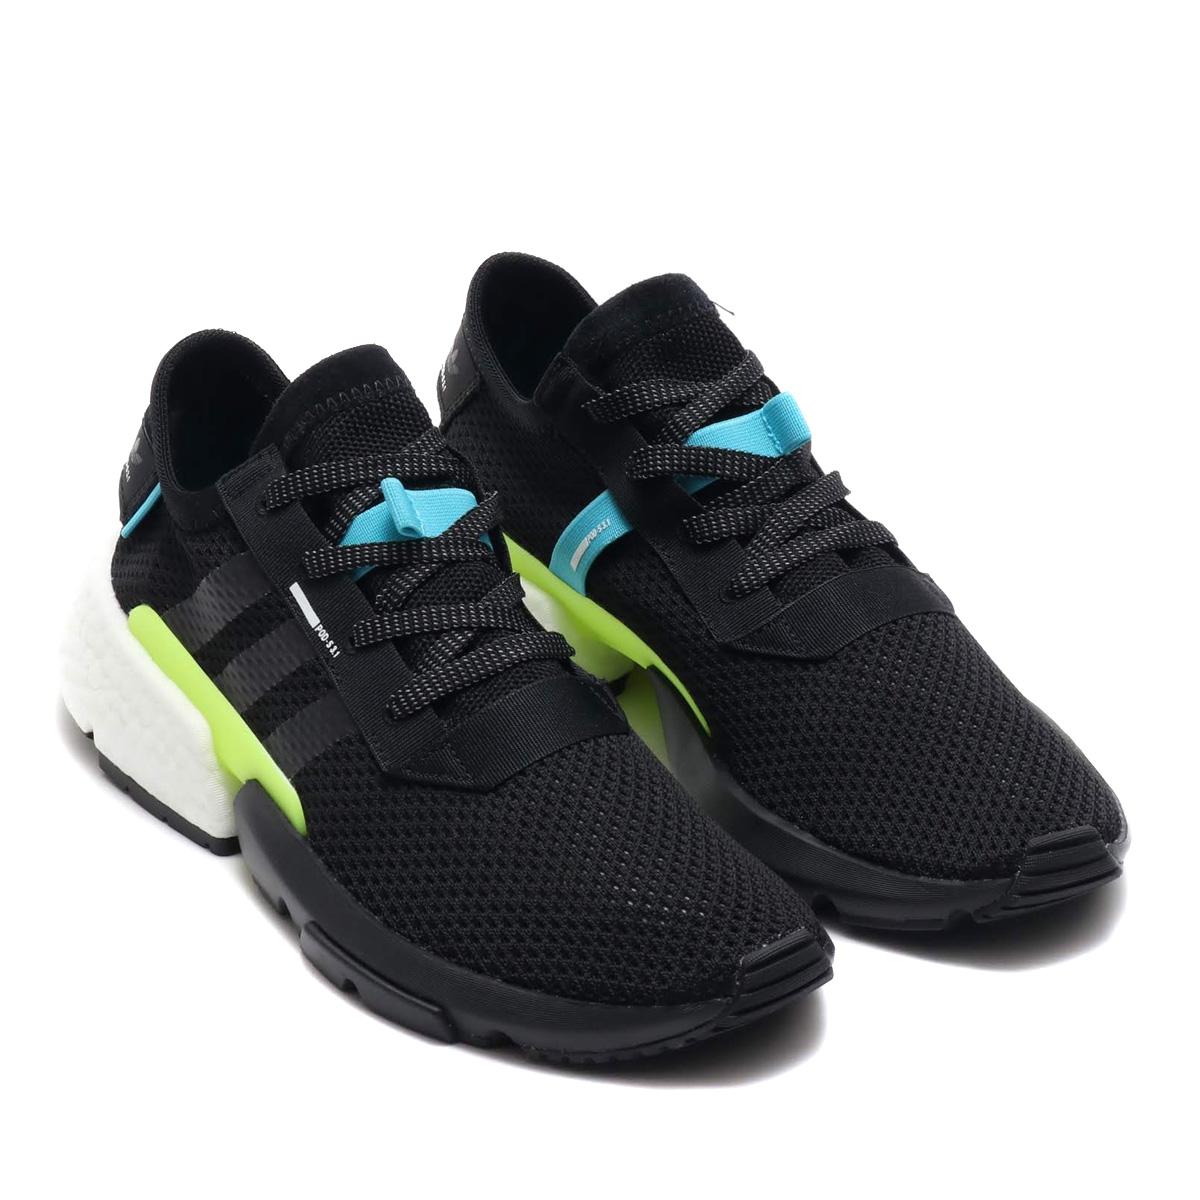 祝開店!大放出セール開催中 adidas POD-S3.1(アディダス adidas ピーオーディーS3.1)コアブラック/コアブラック/ランニングホワイト【メンズ スニーカー】18FW-I, 五霞町:d440ea8b --- canoncity.azurewebsites.net